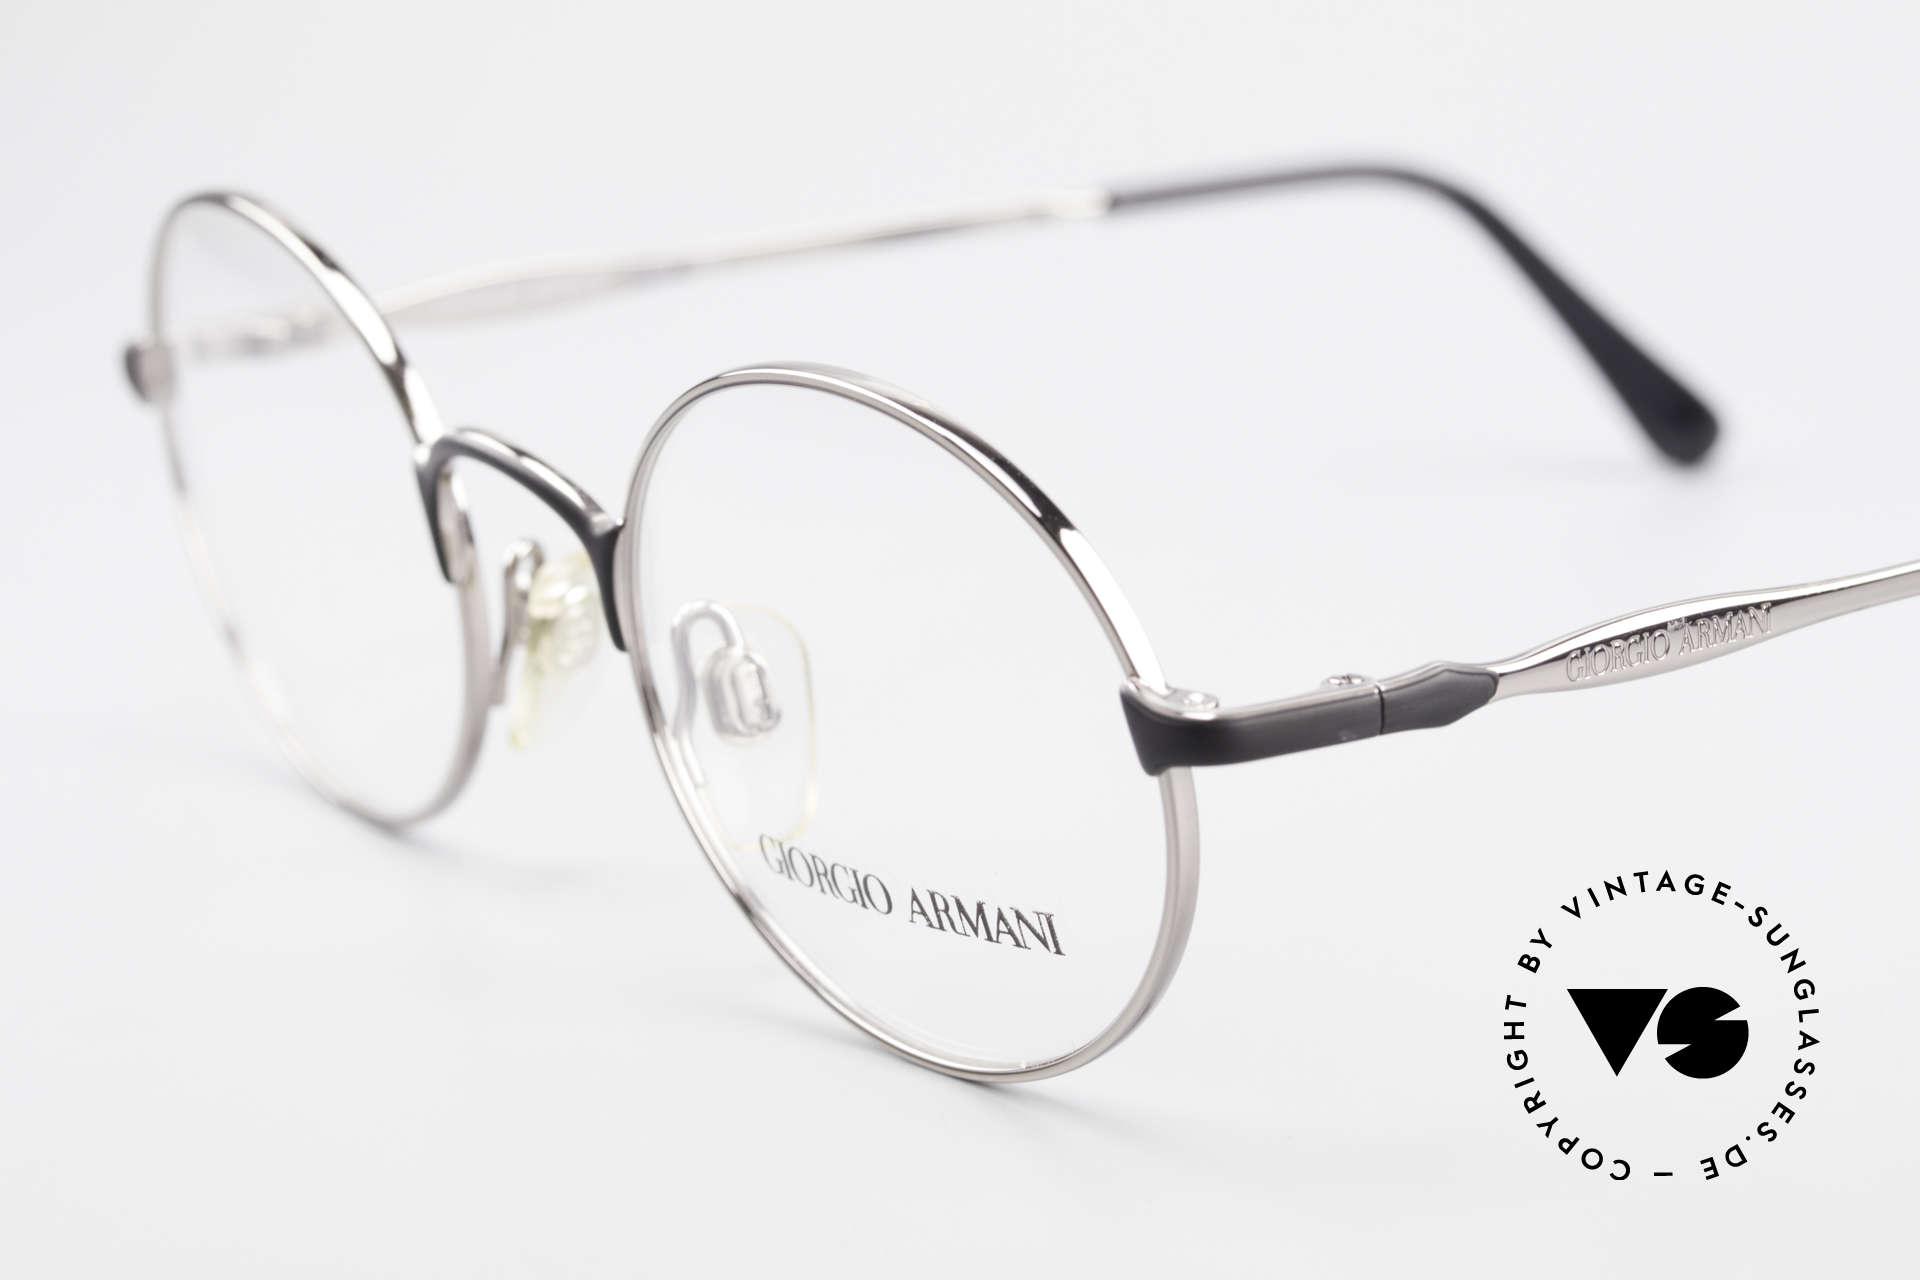 Giorgio Armani 243 Runde Ovale Brille 90er Small, ungetragen (wie all unsere 90er Jahre Klassiker), Passend für Herren und Damen